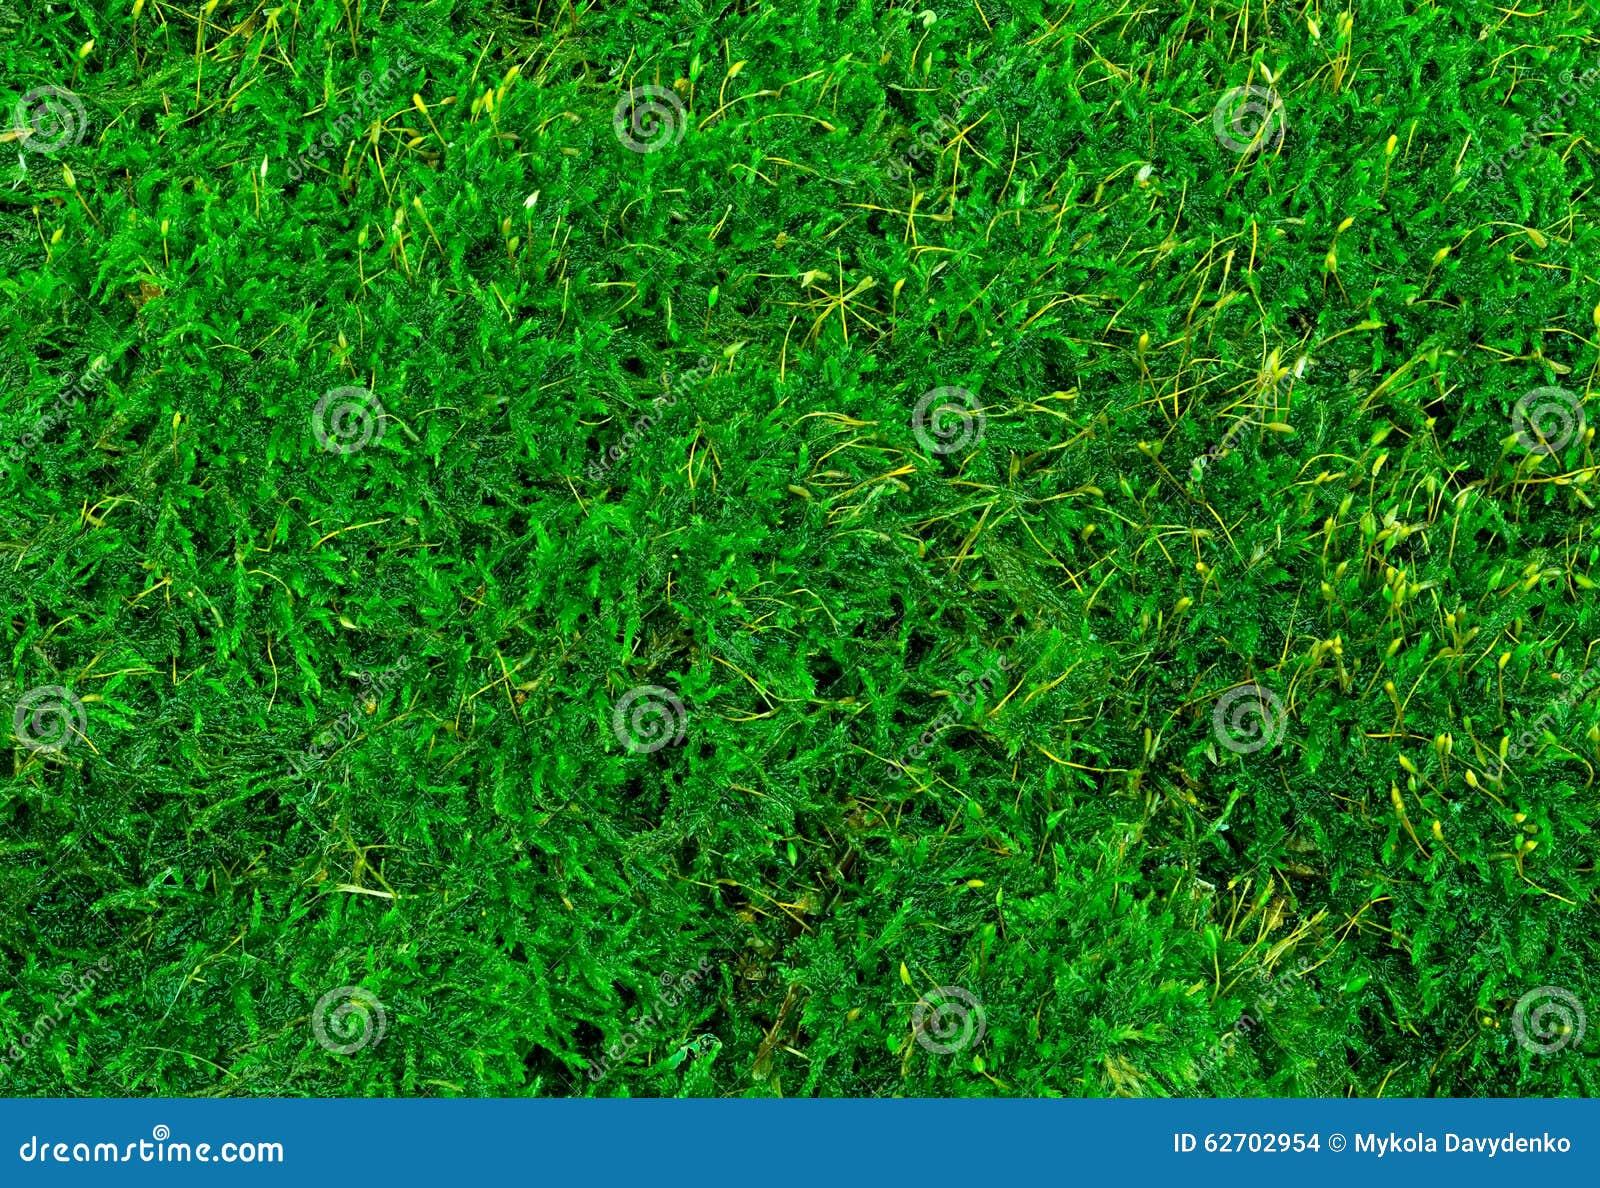 Όμορφη πράσινη κινηματογράφηση σε πρώτο πλάνο σύστασης βρύου, υπόβαθρο με το διάστημα αντιγράφων